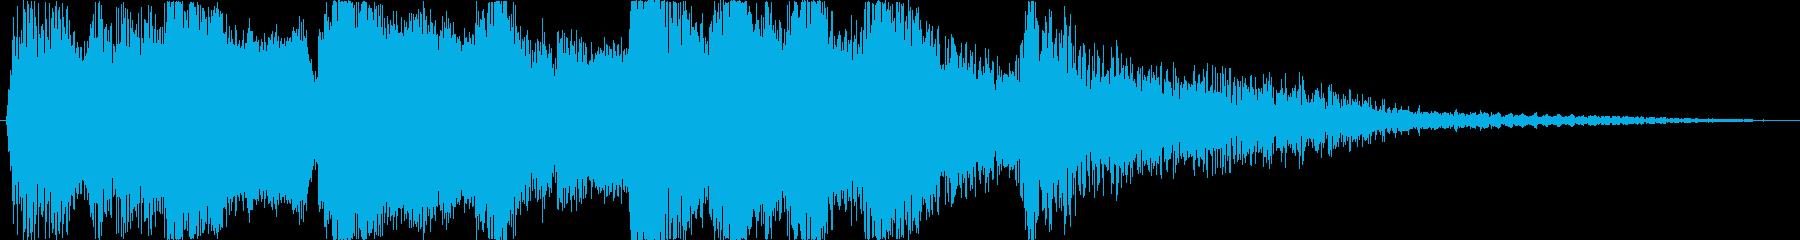 アニメのCM前後などに かわいいオケの再生済みの波形